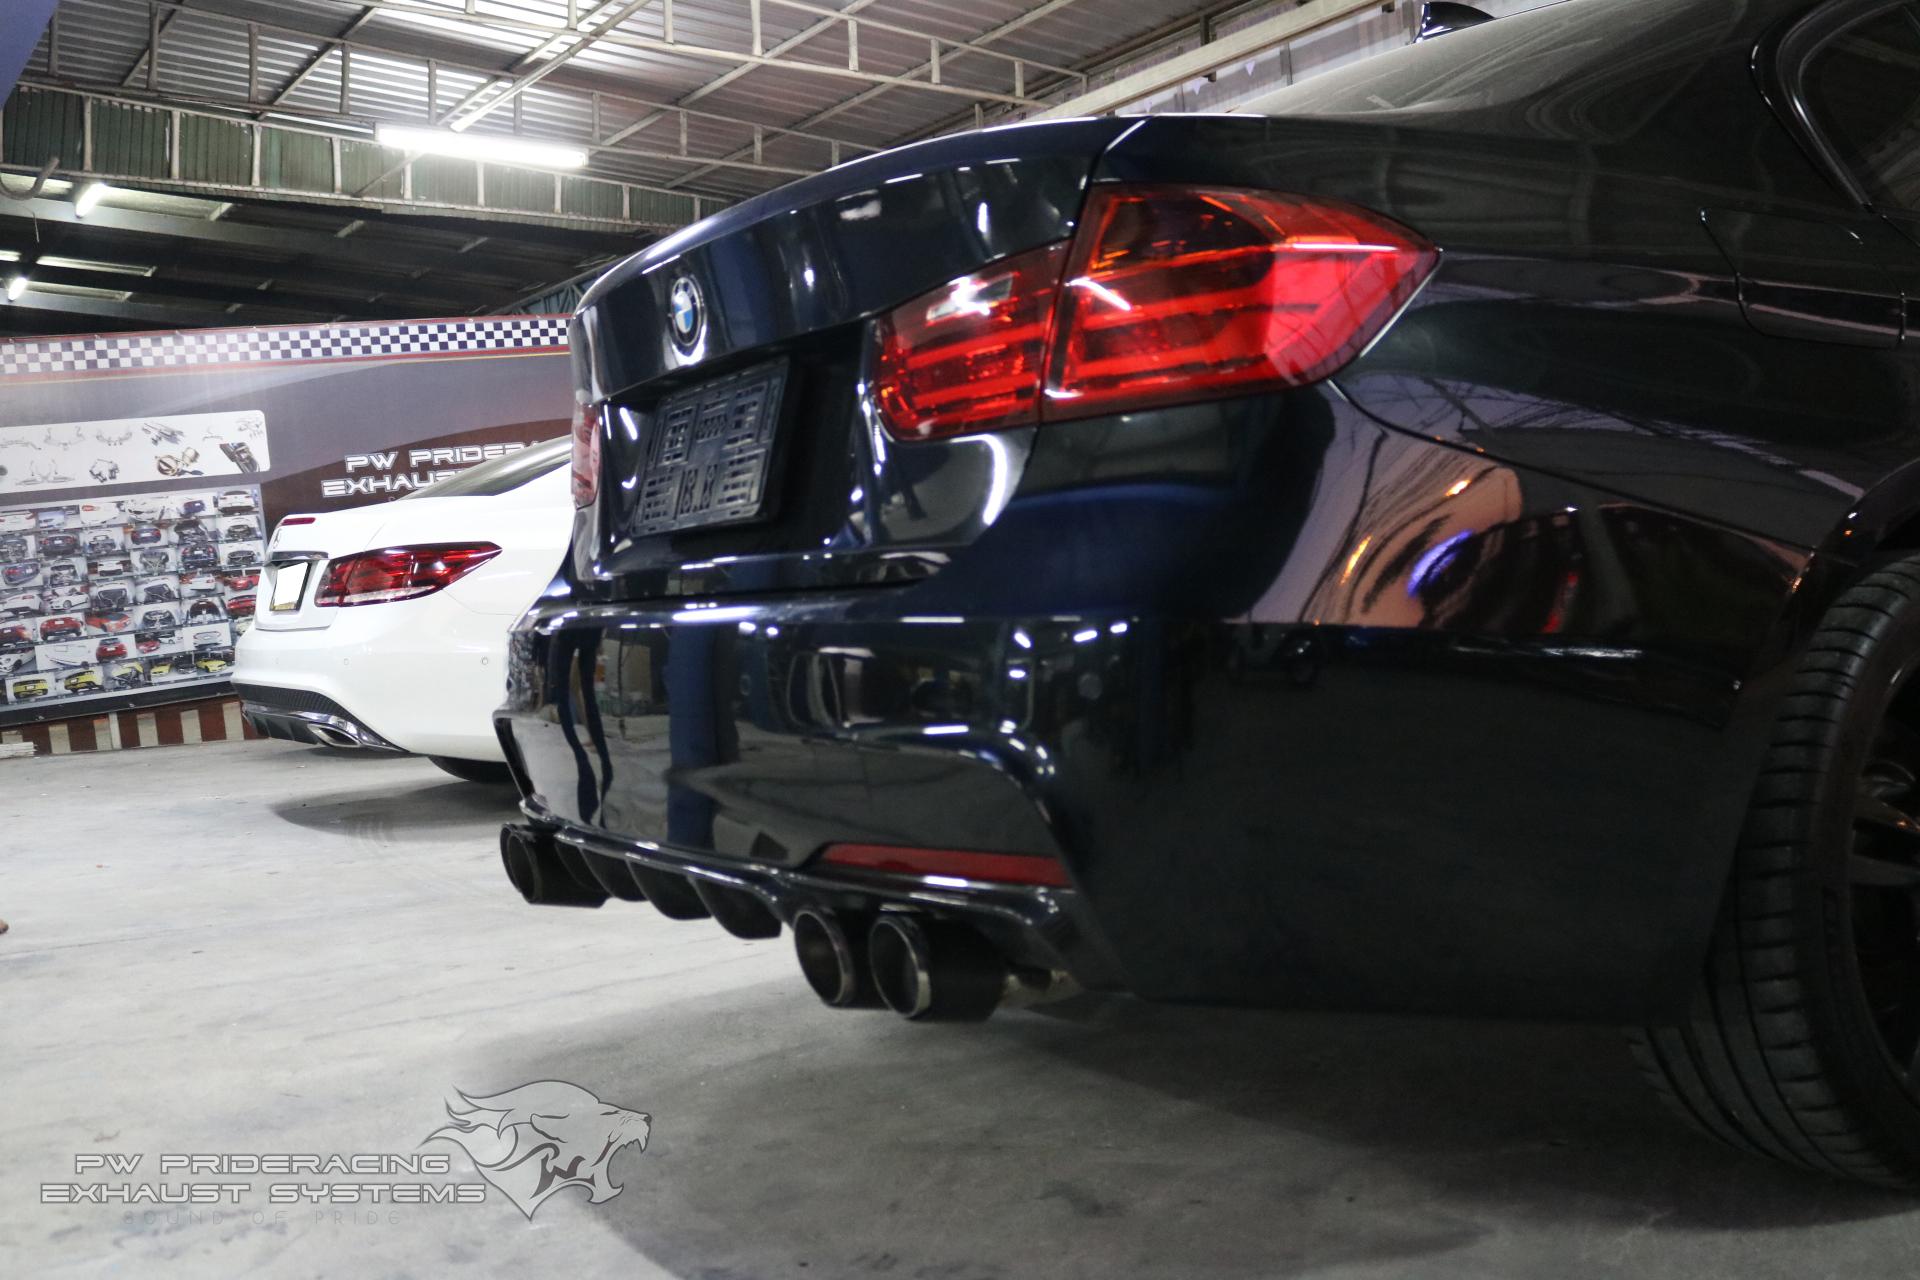 ชุดท่อไอเสีย BMW F30 320D Lci